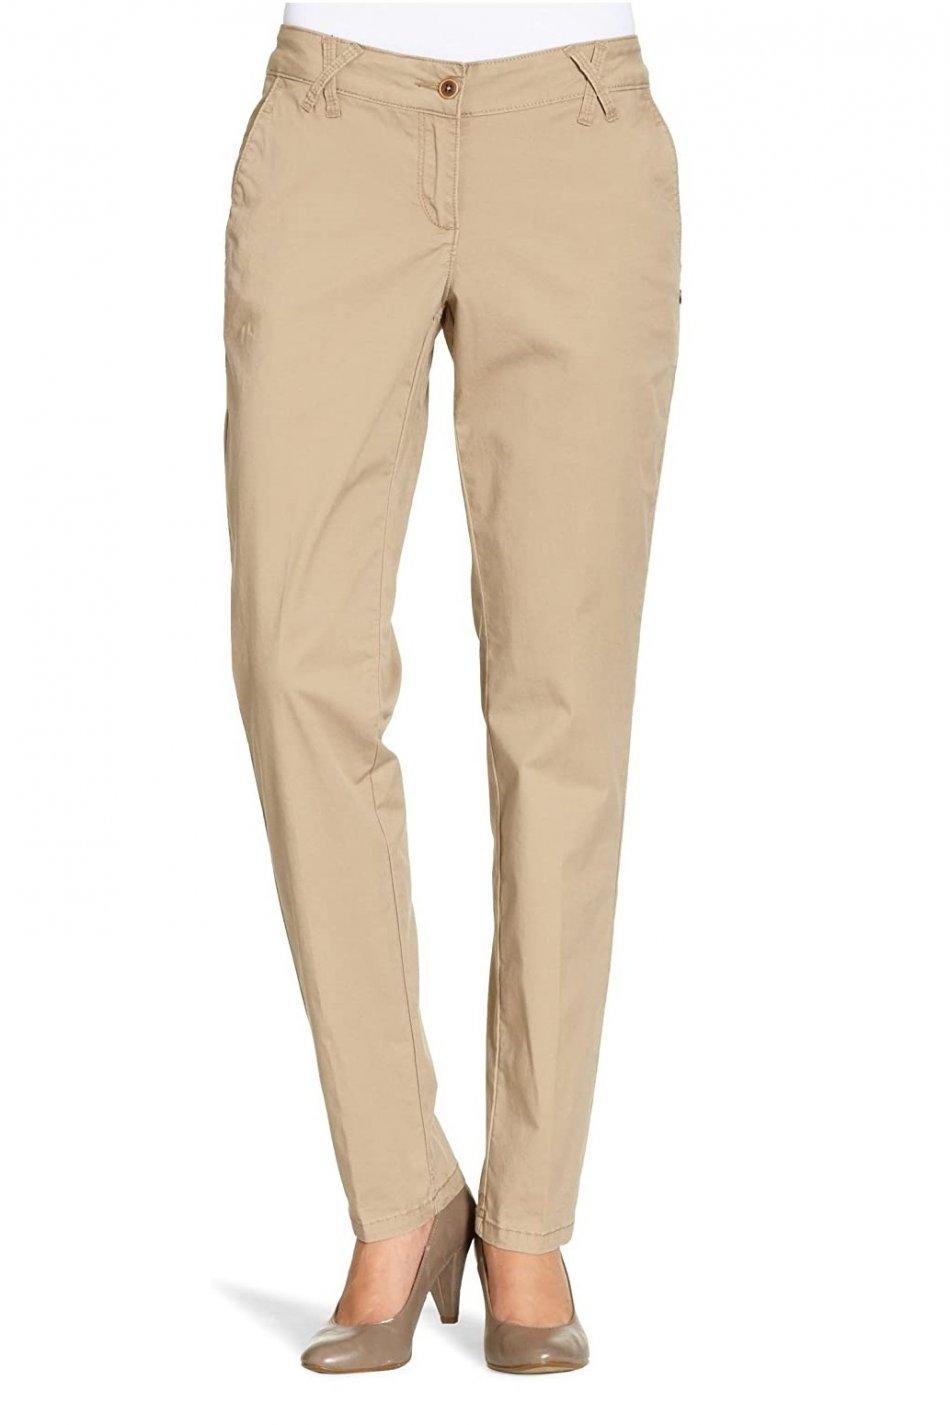 Pantaloni, Lerros, Bej, 40